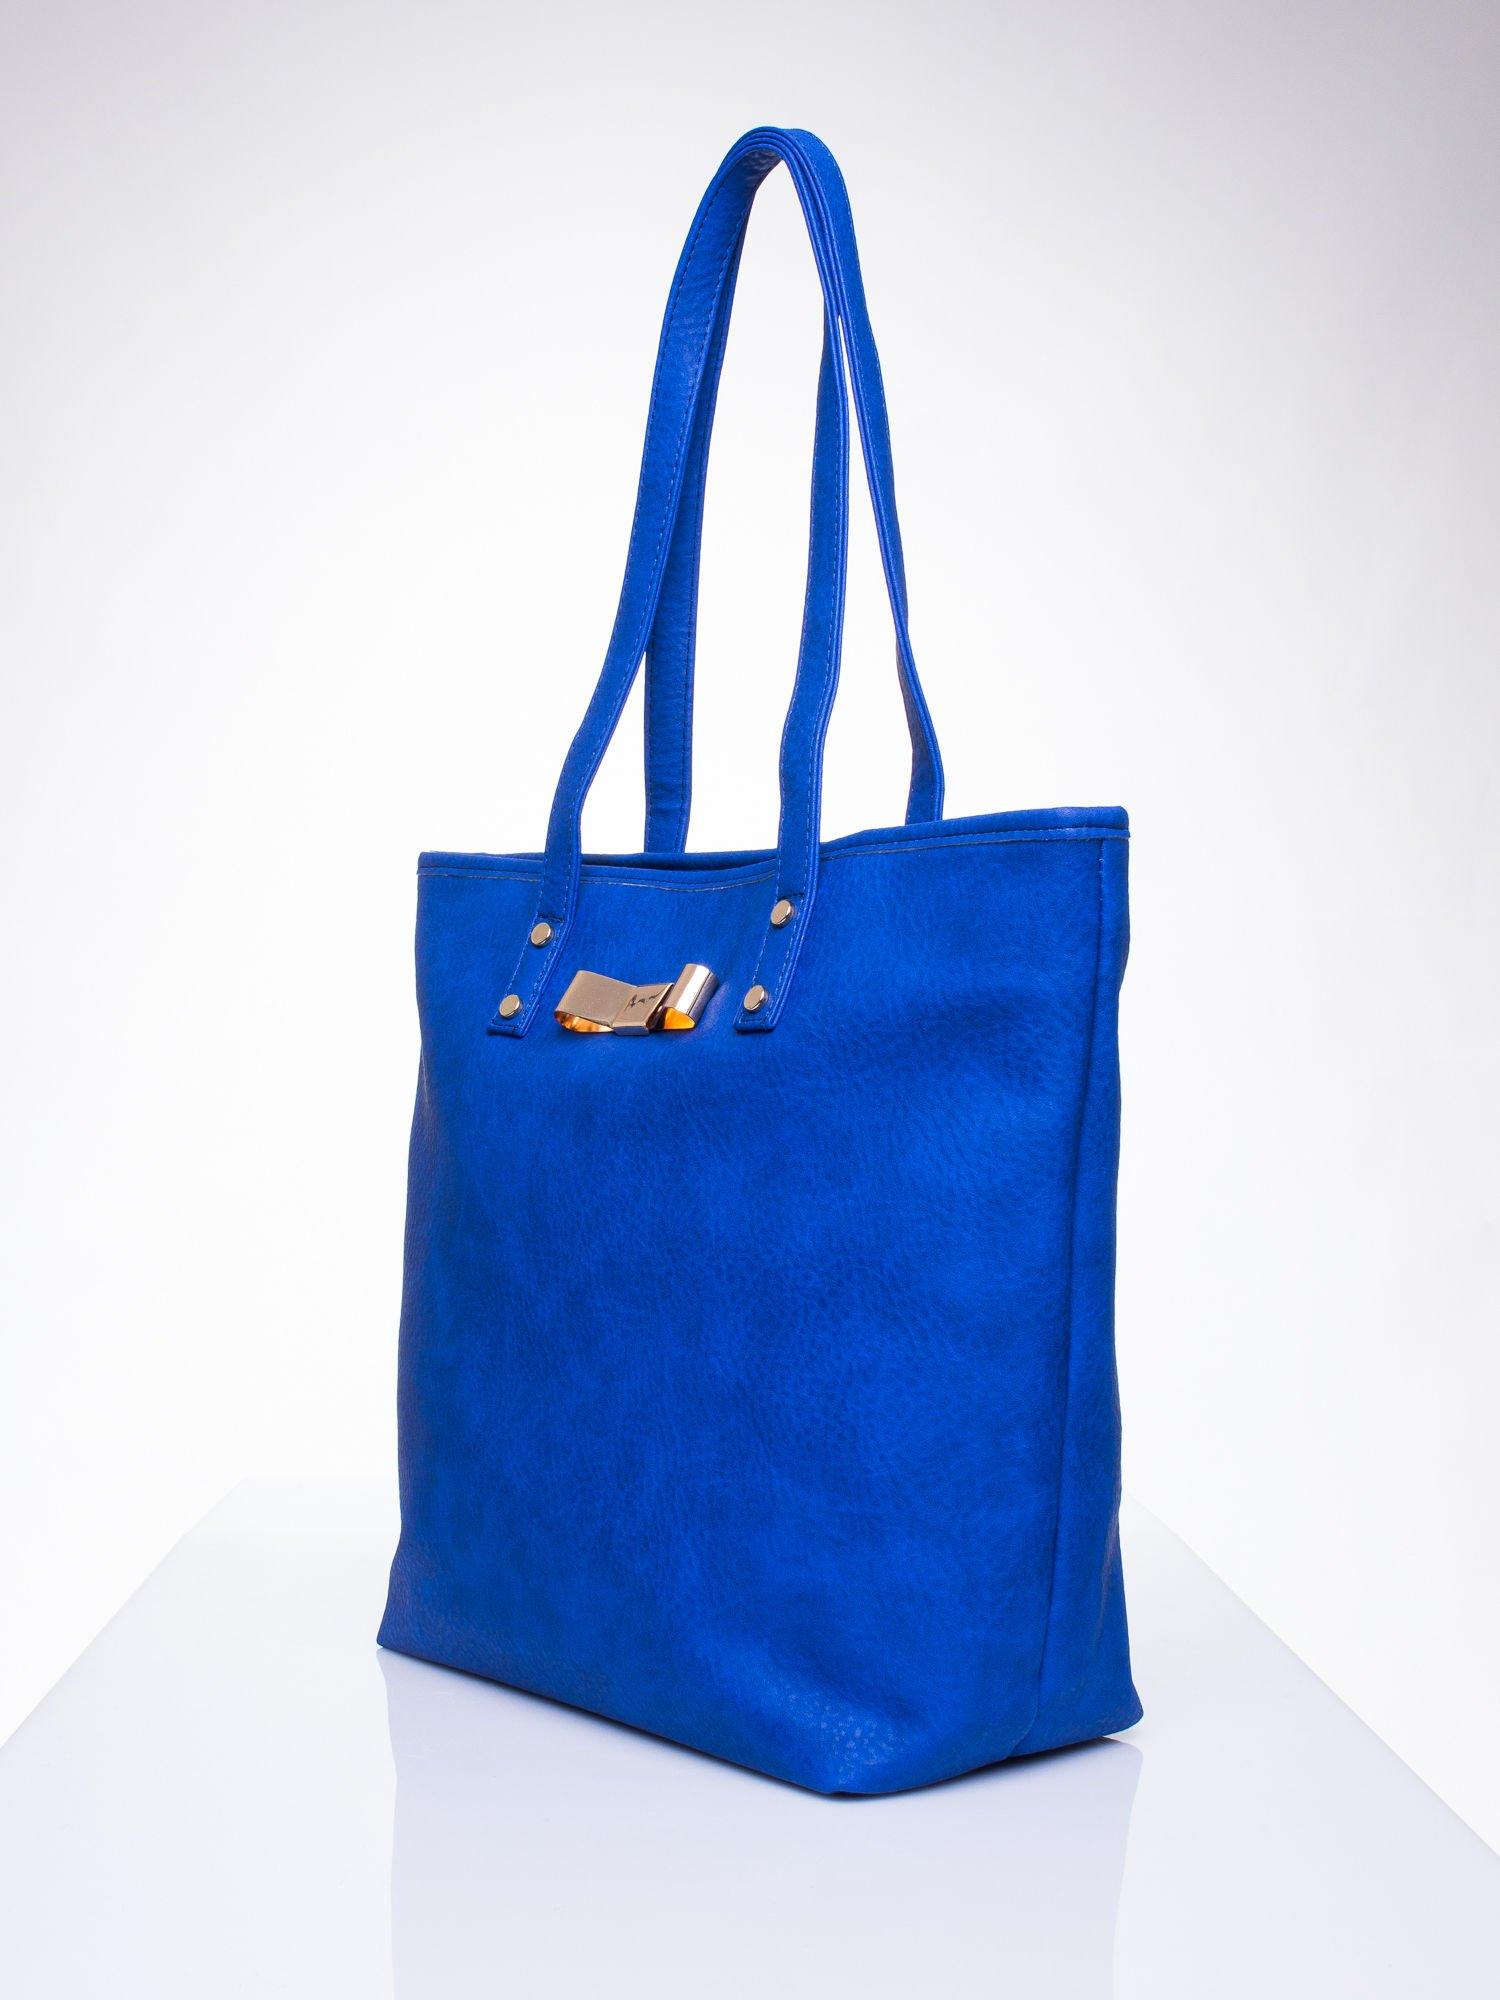 Niebieska torebka shopper bag z kokardką                                  zdj.                                  3